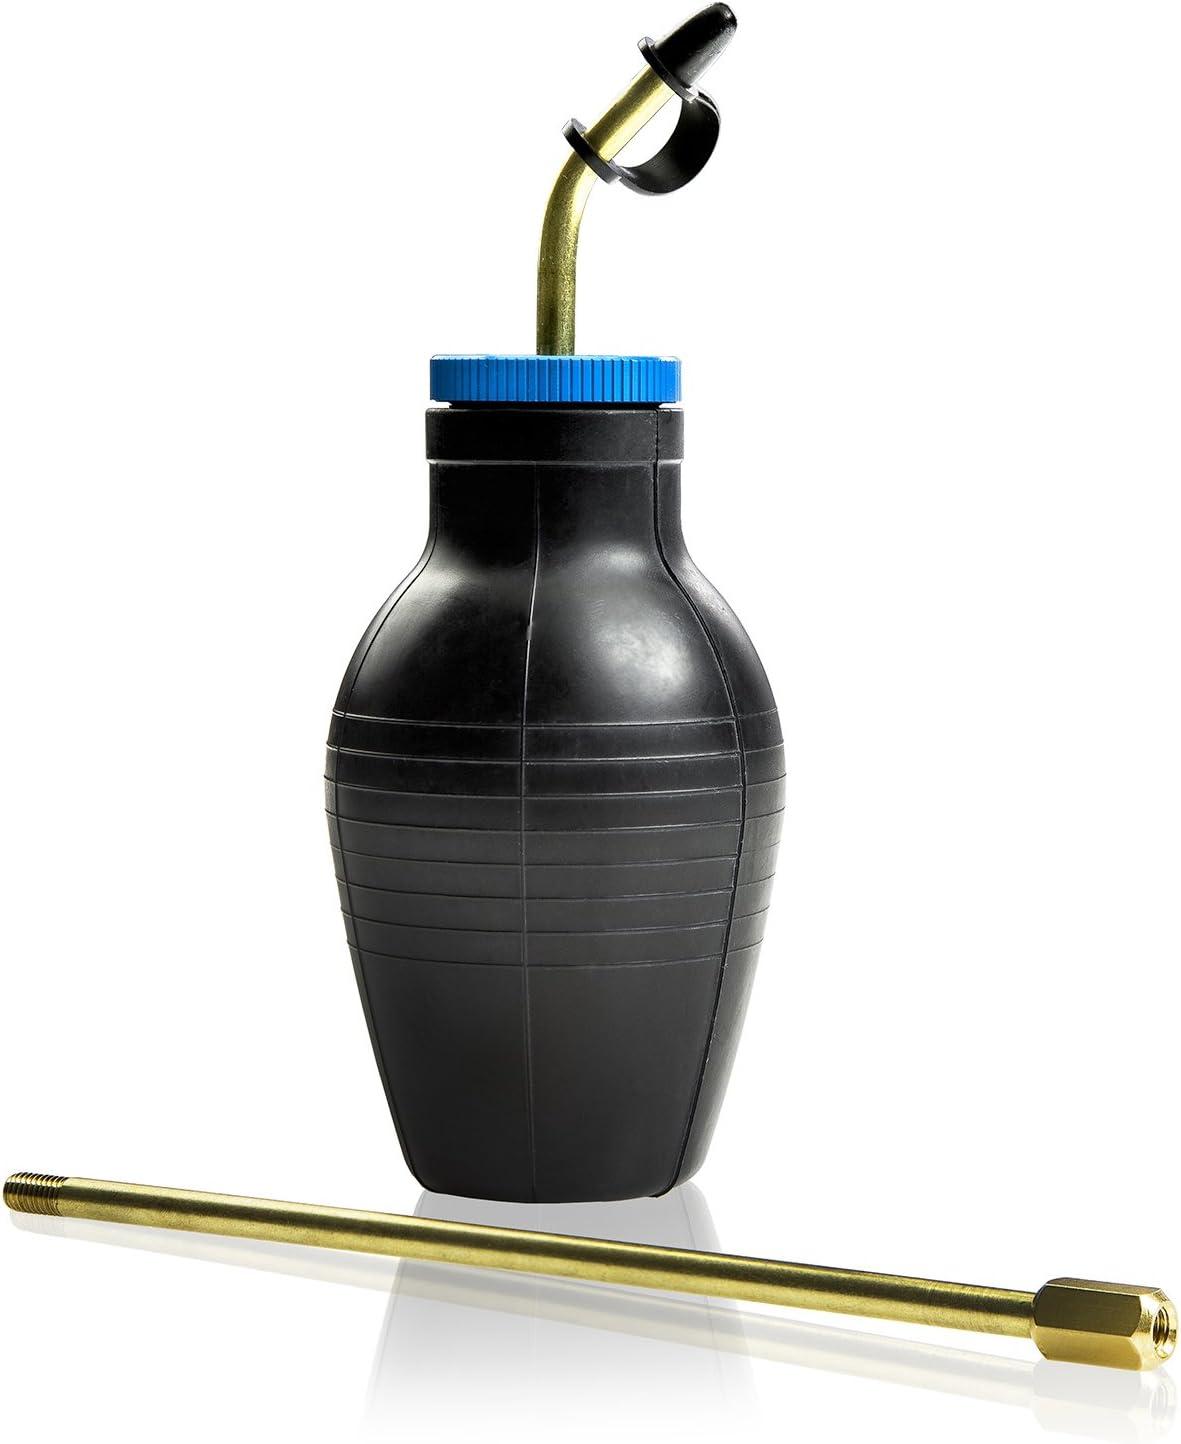 Ivation Bulb Duster Sprayer – Handheld, 7